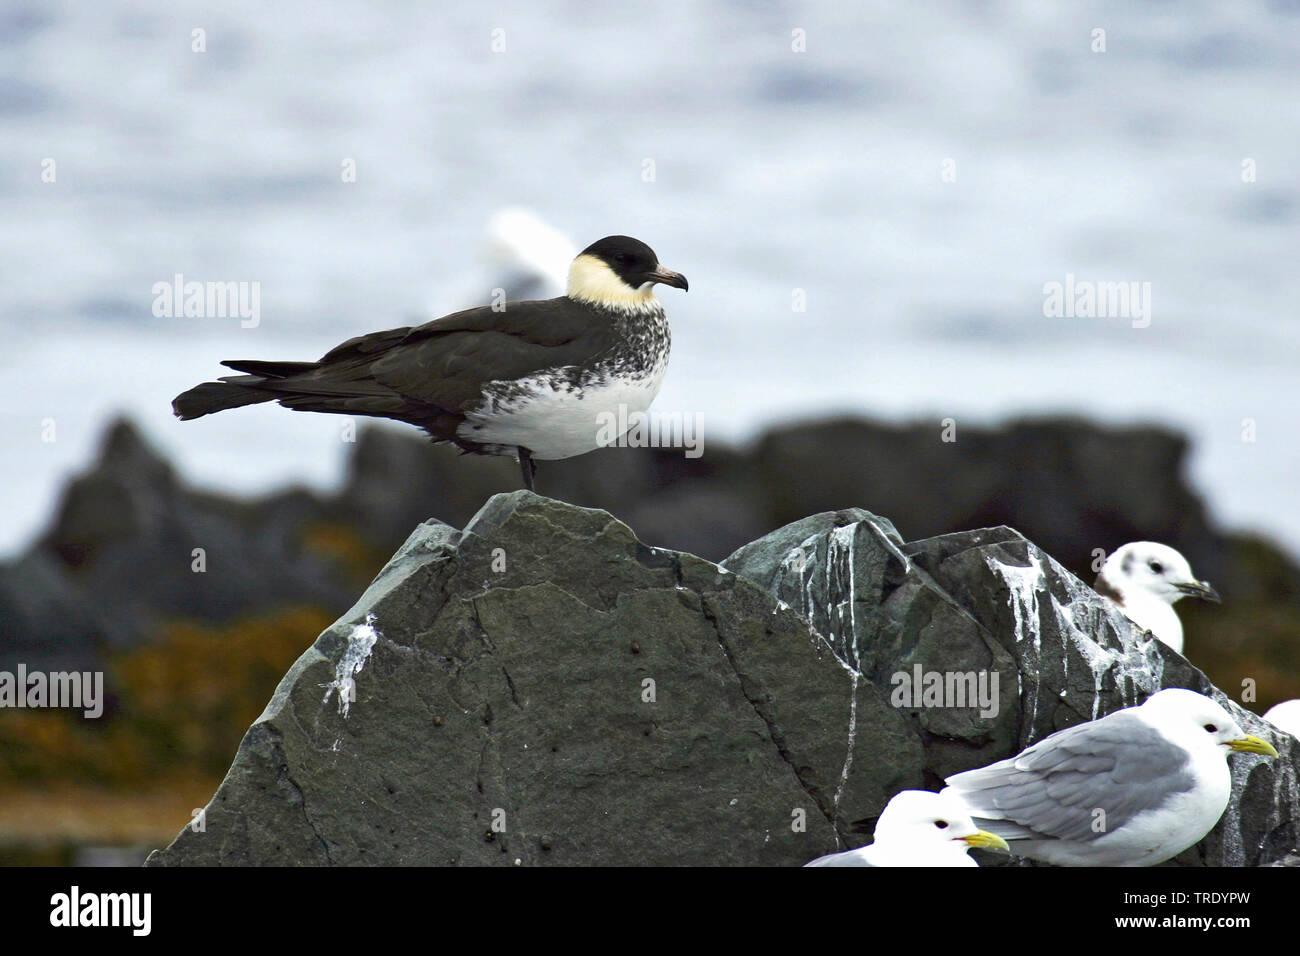 Spatelraubmoewe, Spatel-Raubmoewe (Stercorarius pomarinus), an der Meereskueste , Norwegen, Finnmark | pomarine skua (Stercorarius pomarinus), at sea - Stock Image